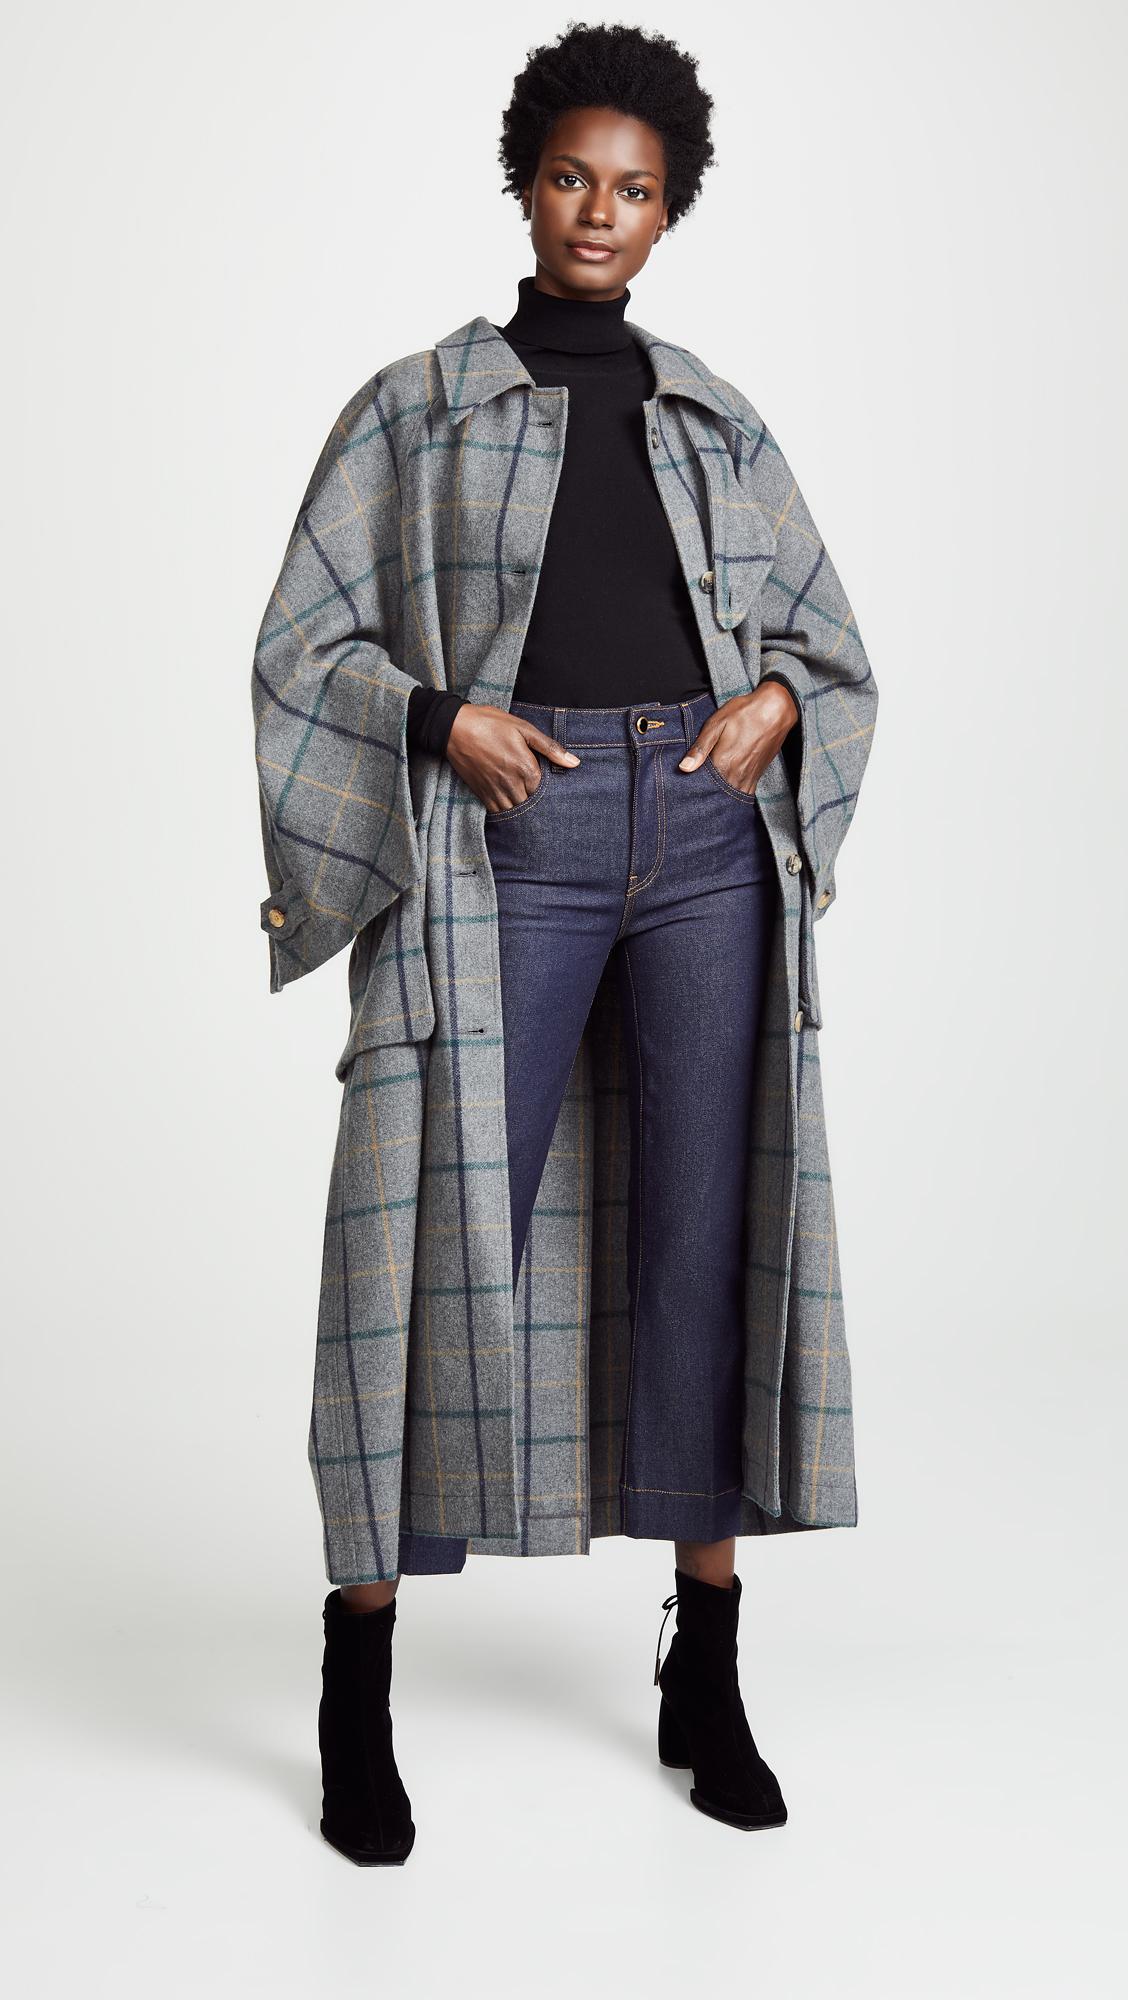 a.w.a.k.e. open raglan sleeve pocket coat